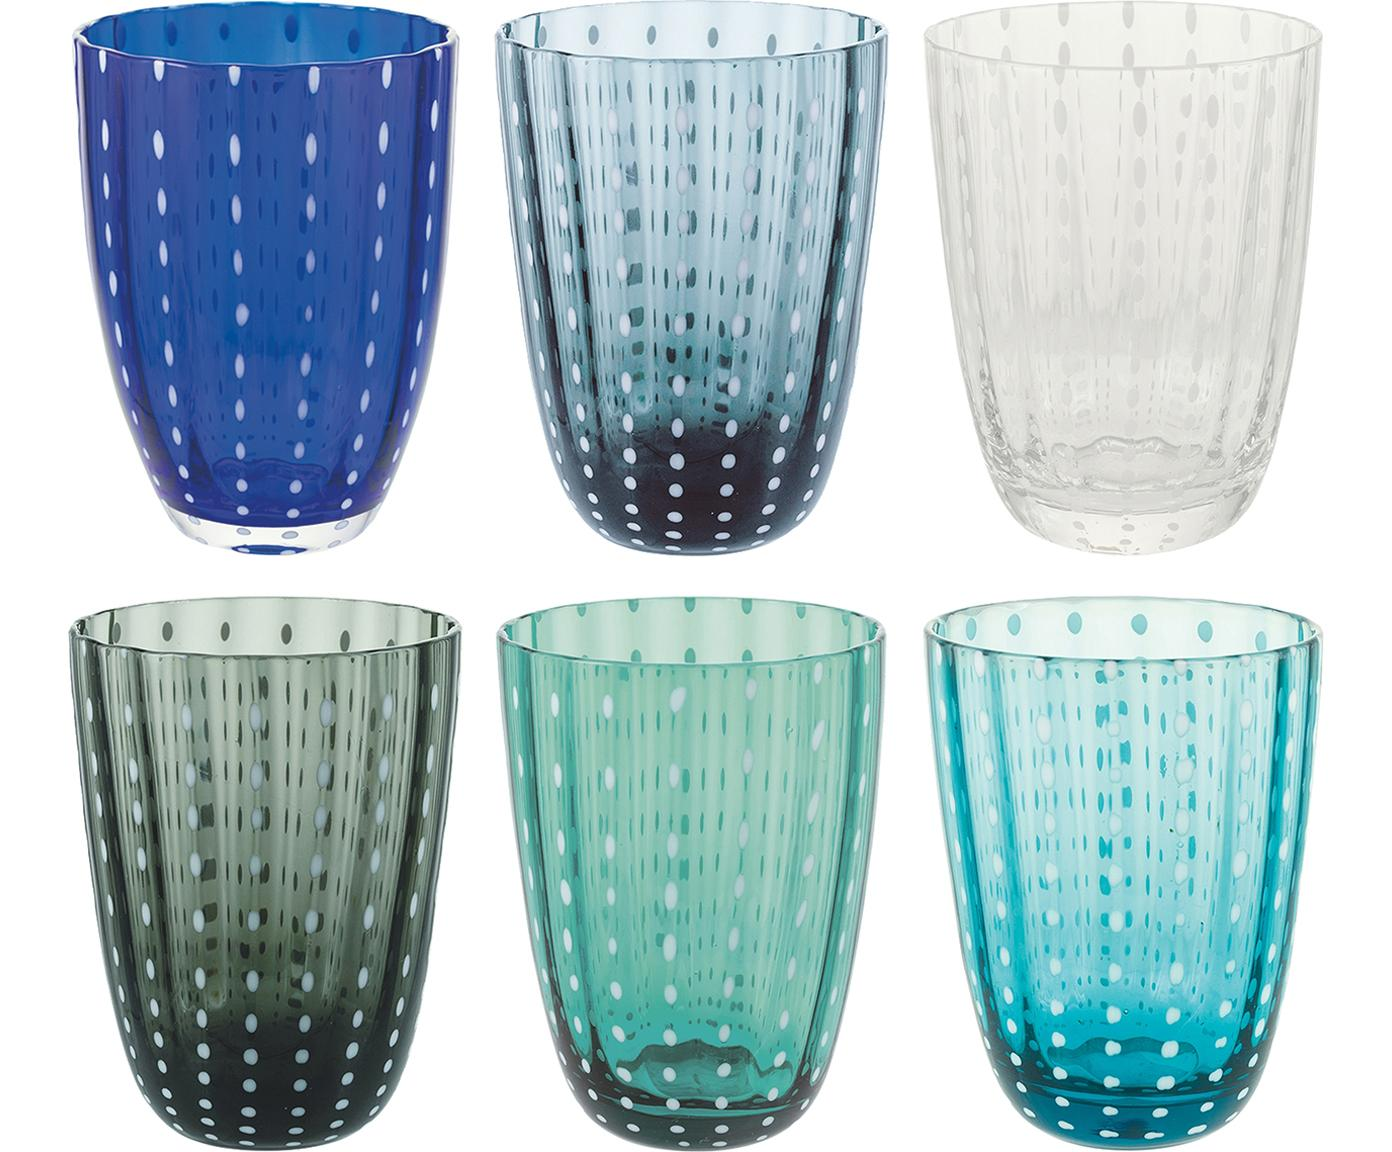 Komplet szklanek do wody Kalahari, 6 elem., Szkło, Wielobarwny, Ø 9 x W 11 cm